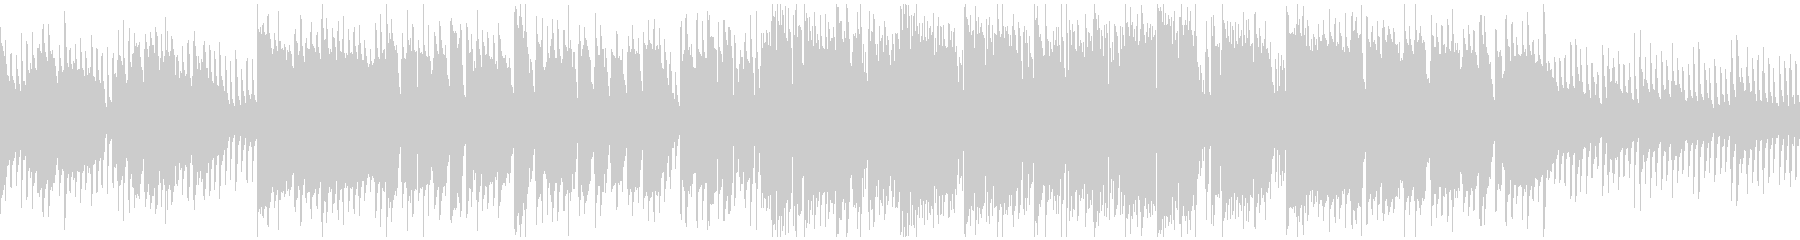 キラキラ音+生演奏クラリネット※ループ版の未再生の波形